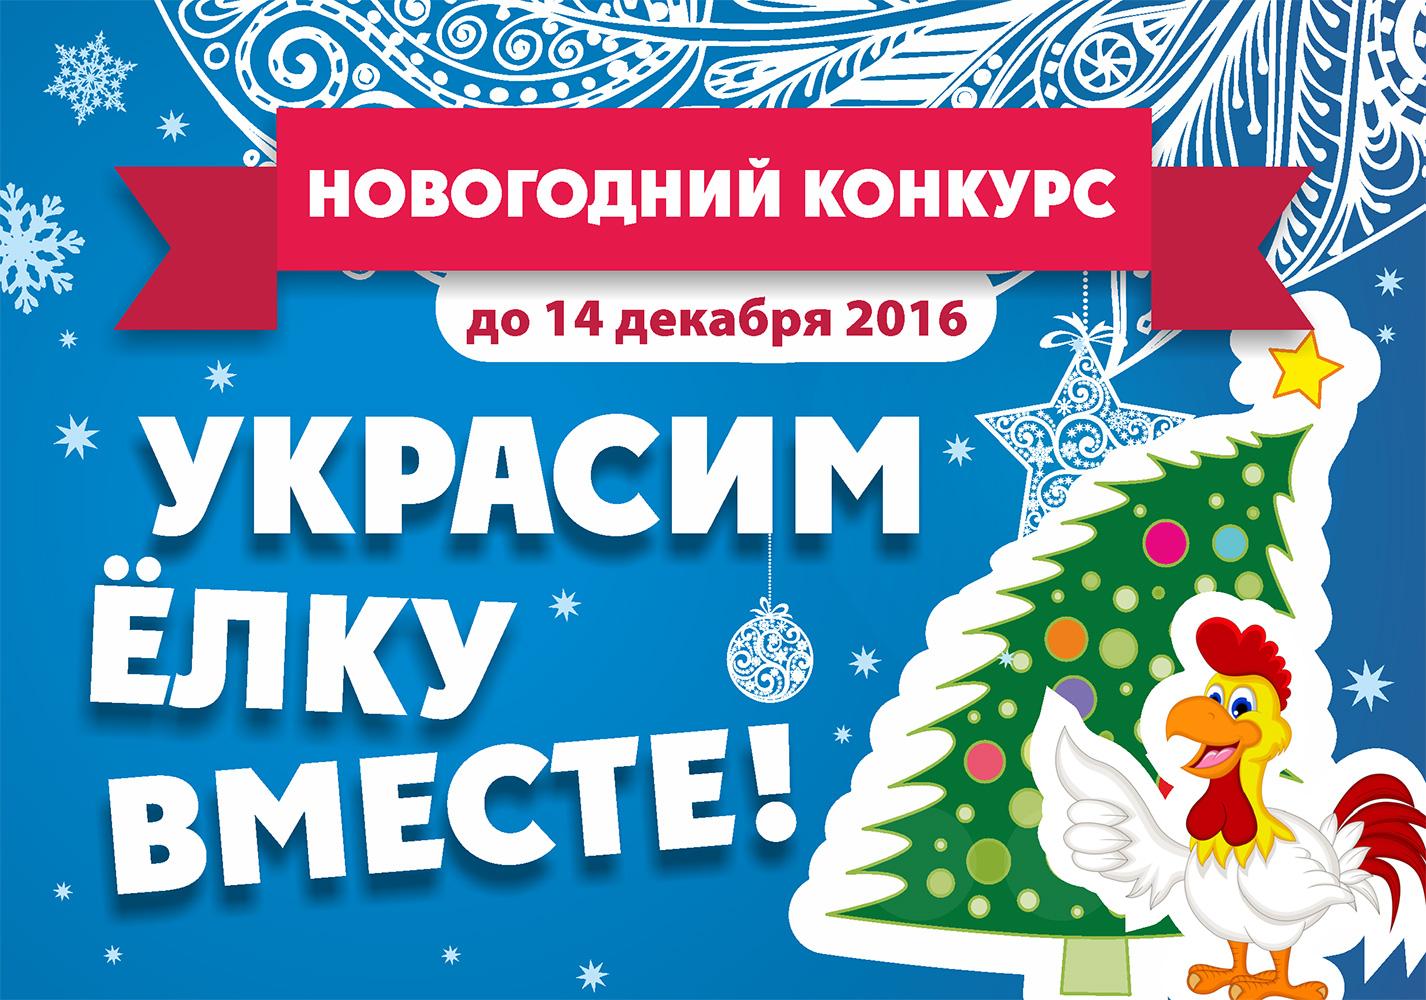 Объявление о конкурсе на новый год